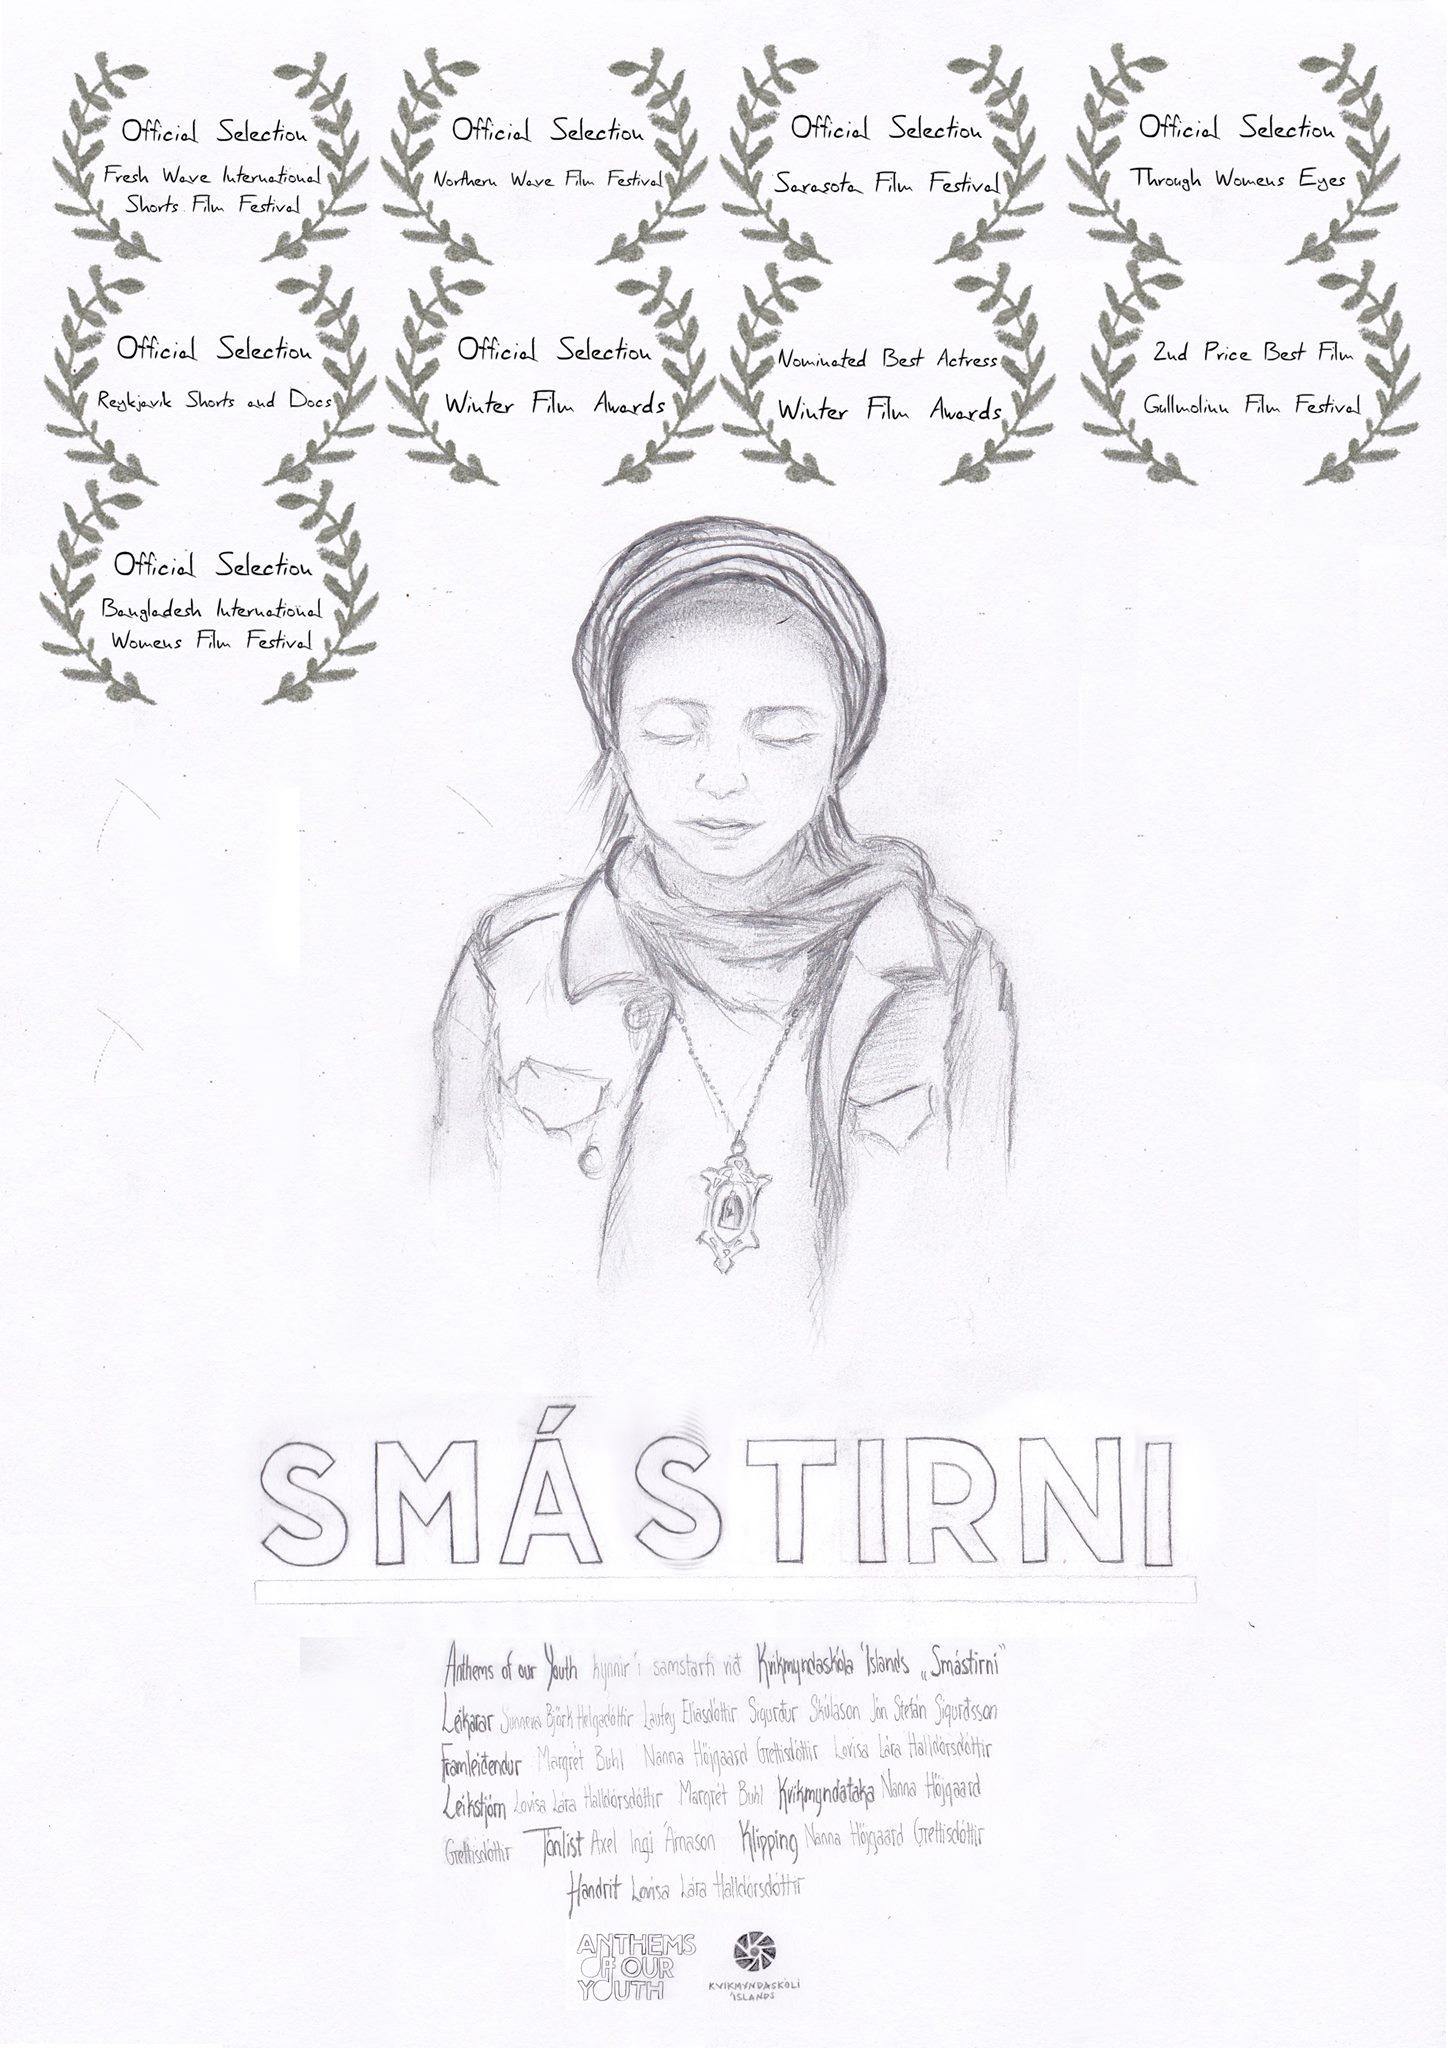 Smástirni (Just like you)